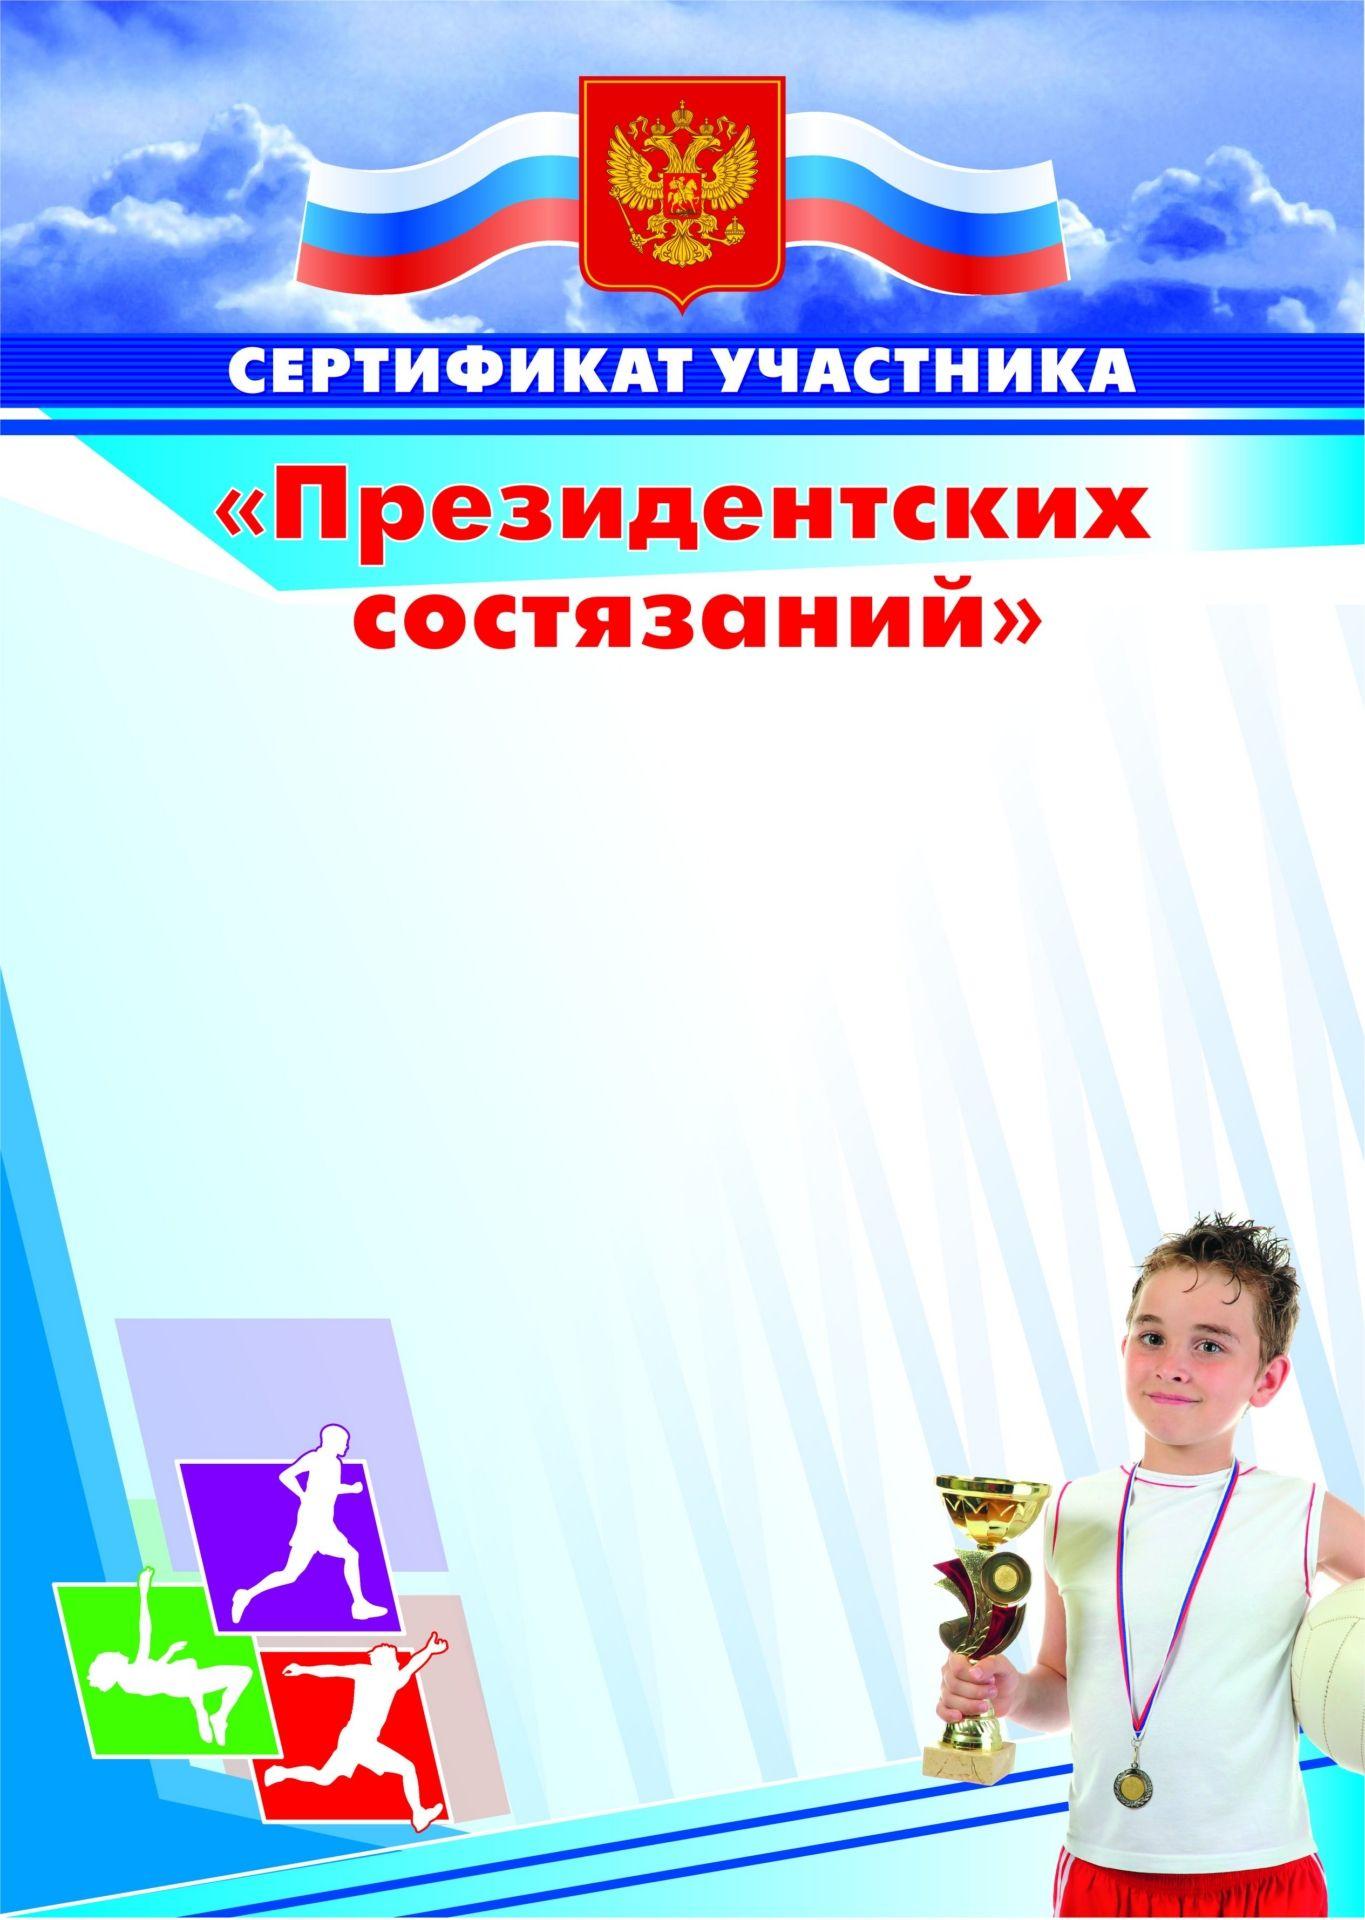 Сертификат участника Президентских состязанийЗа спортивные достижения<br>Материалы:на обложку - бумага мелованная, пл. 250.00.<br><br>Год: 2017<br>Высота: 297<br>Ширина: 210